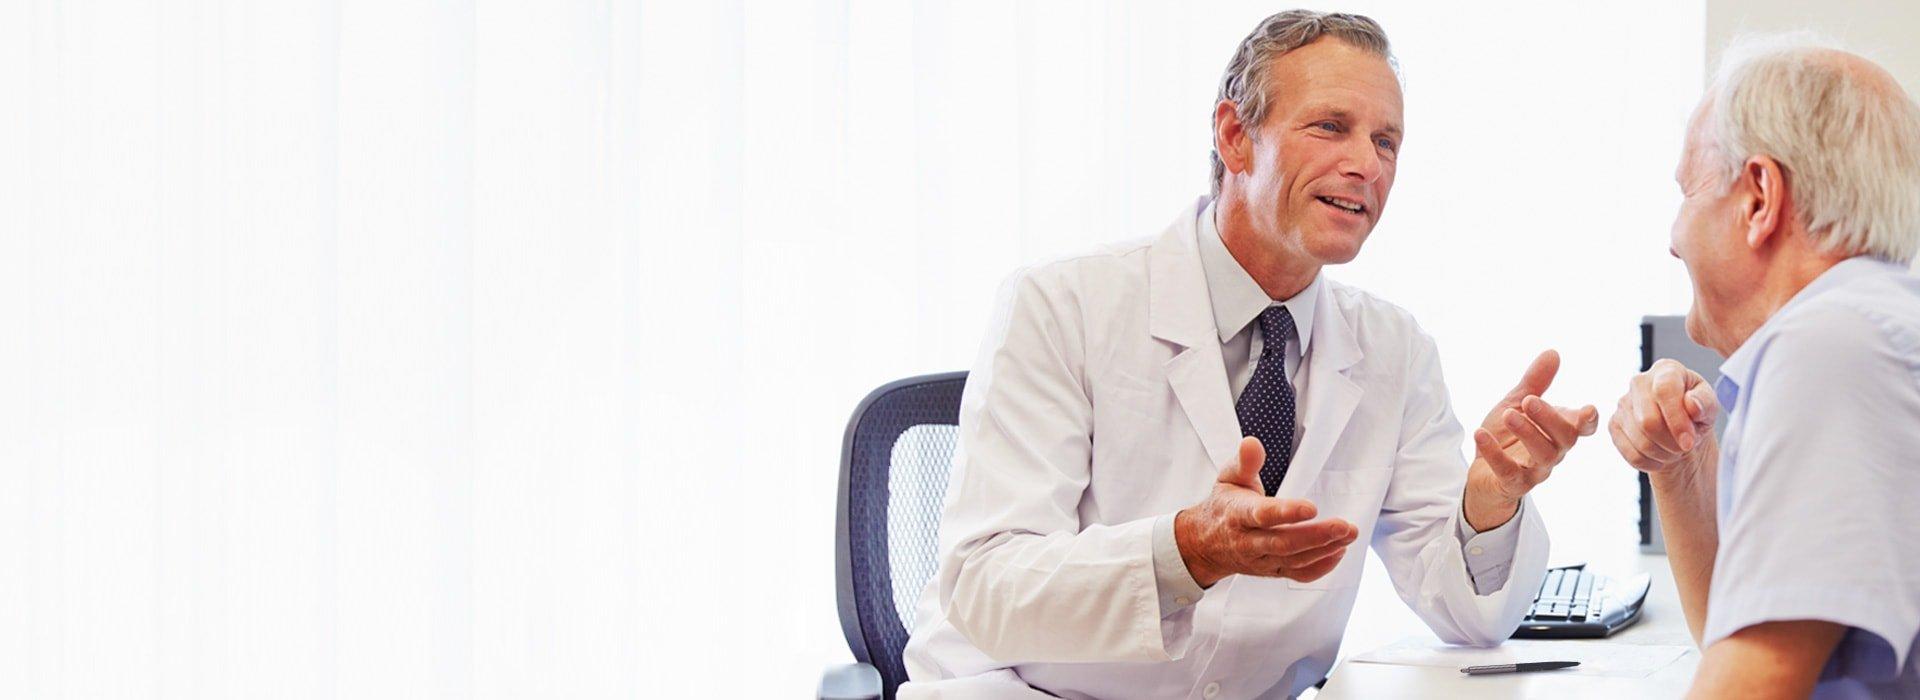 Mężczyzna na konsultacji u protetyka słuchu lub audiologa.